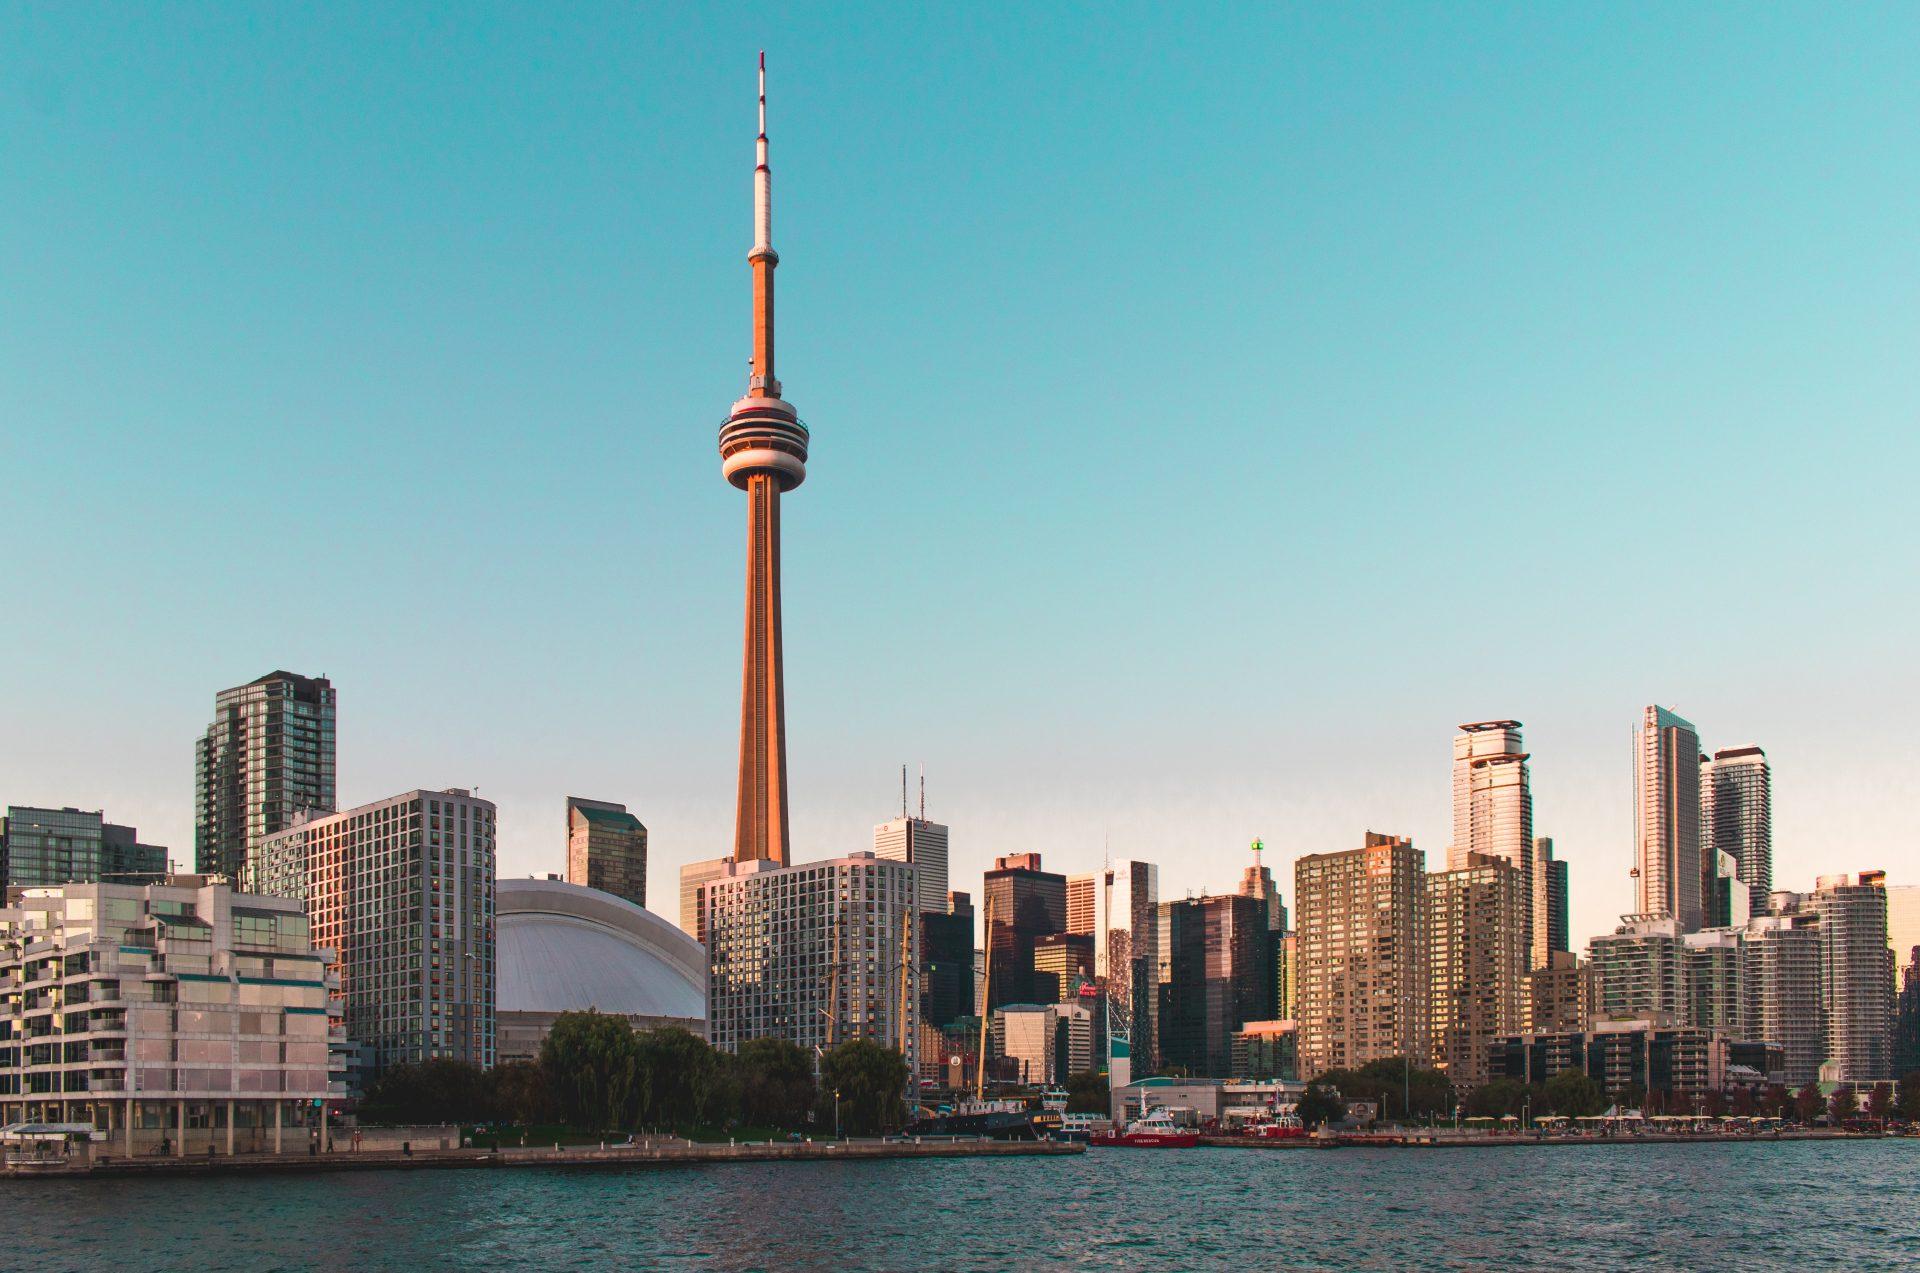 The Best Neighbourhoods for Foodies in Toronto